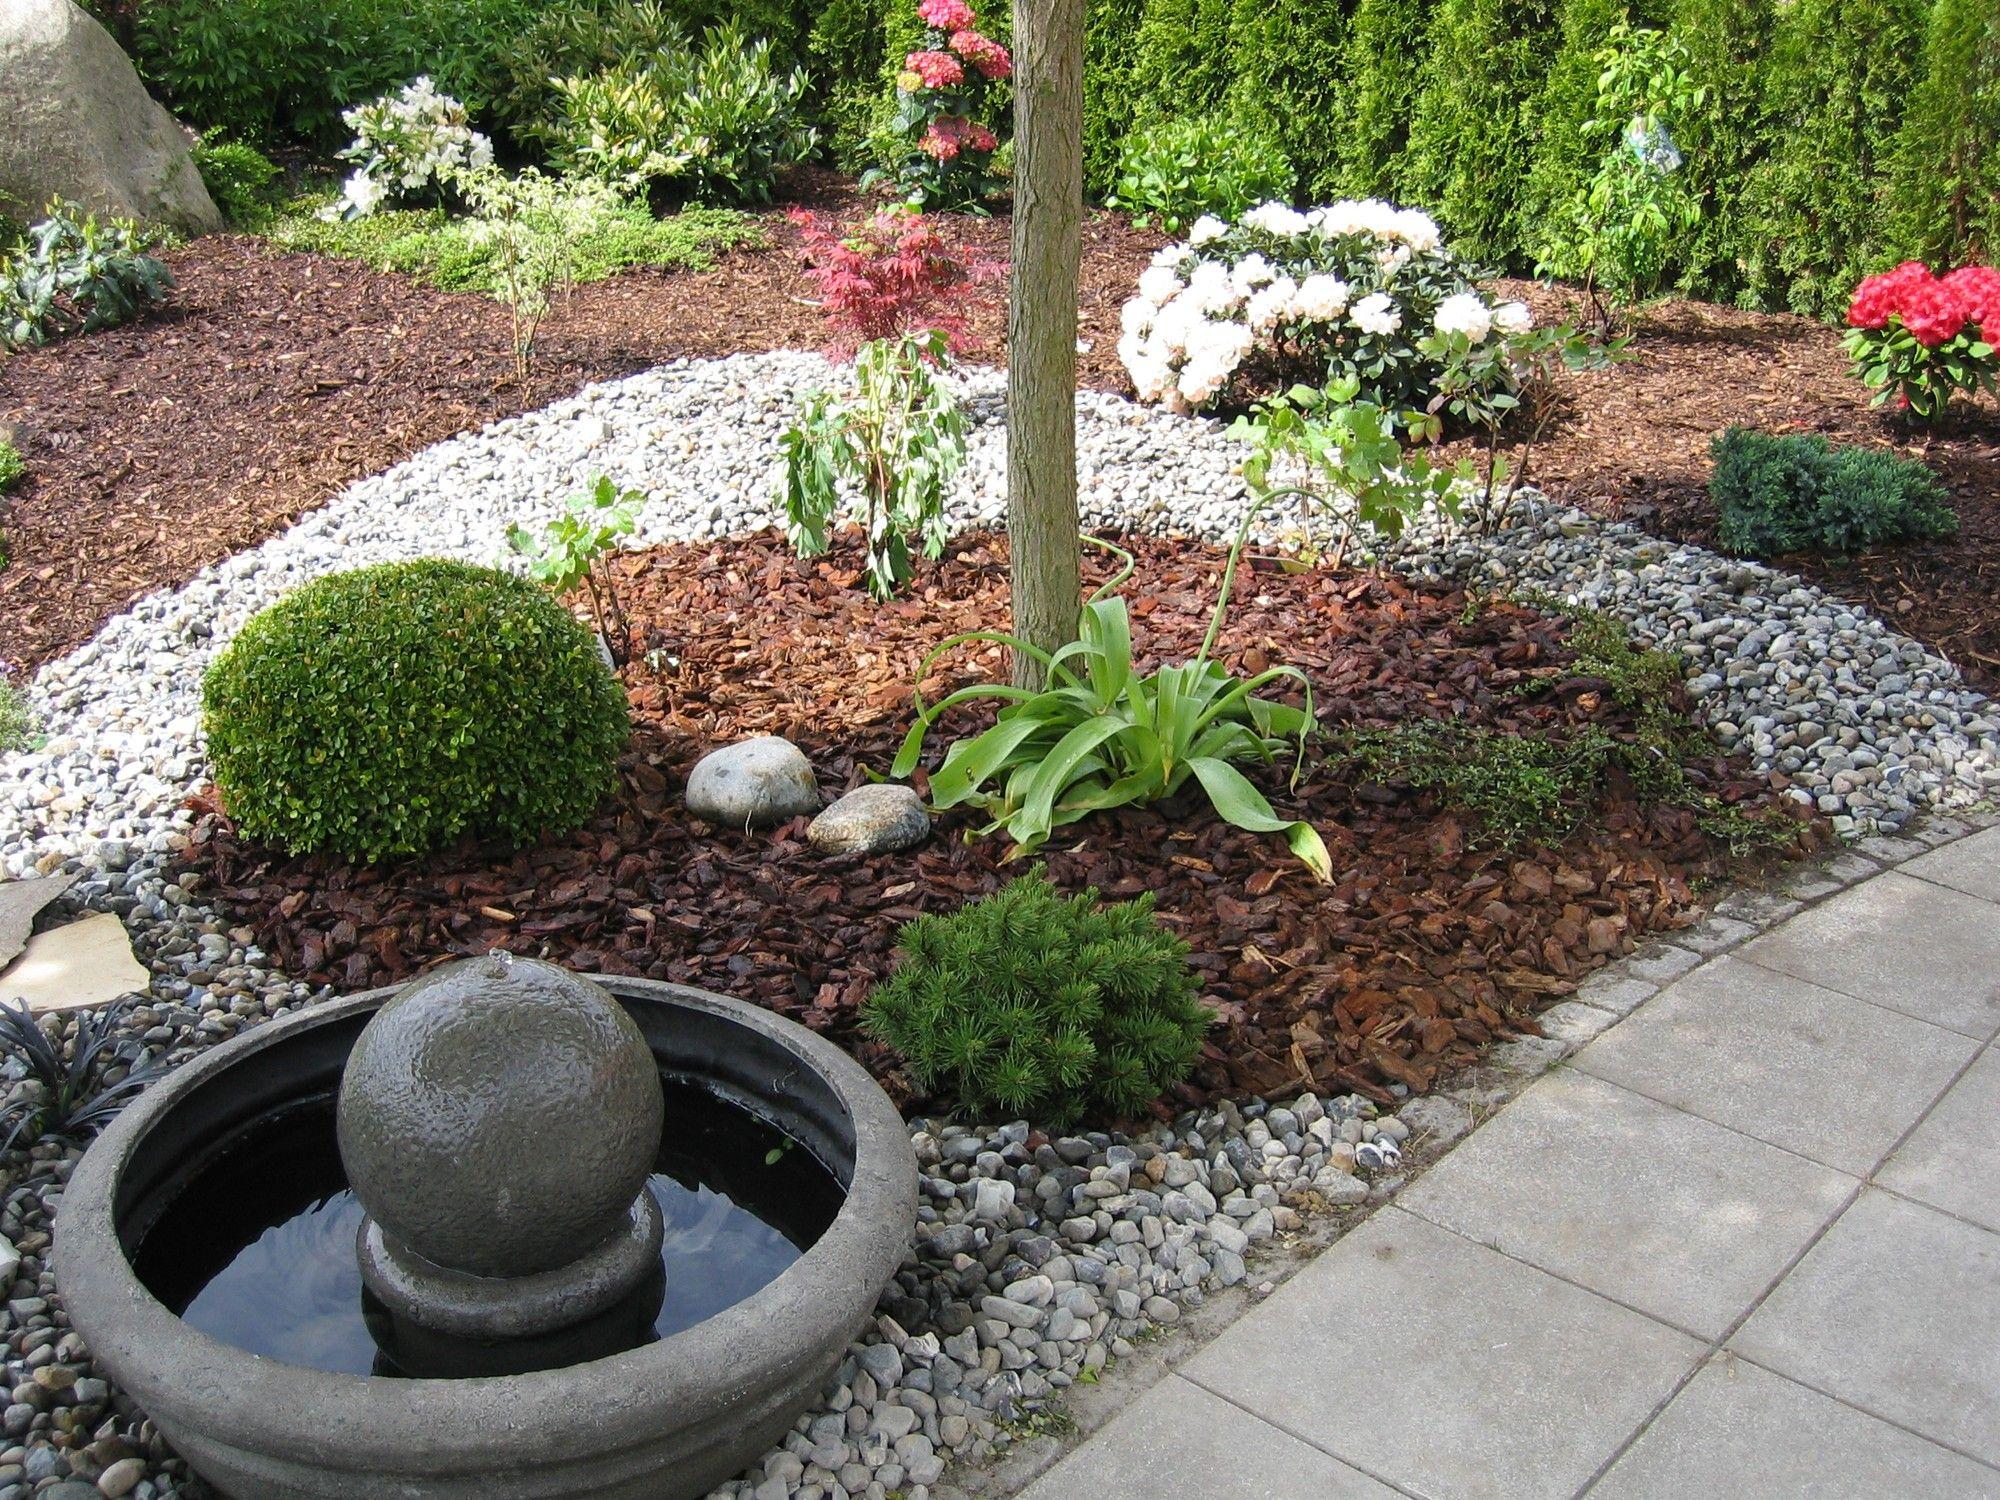 Von der Unkrautrabatte zum pflegeleichten Steingarten: Garten durch moderne Gestaltung aufwerten